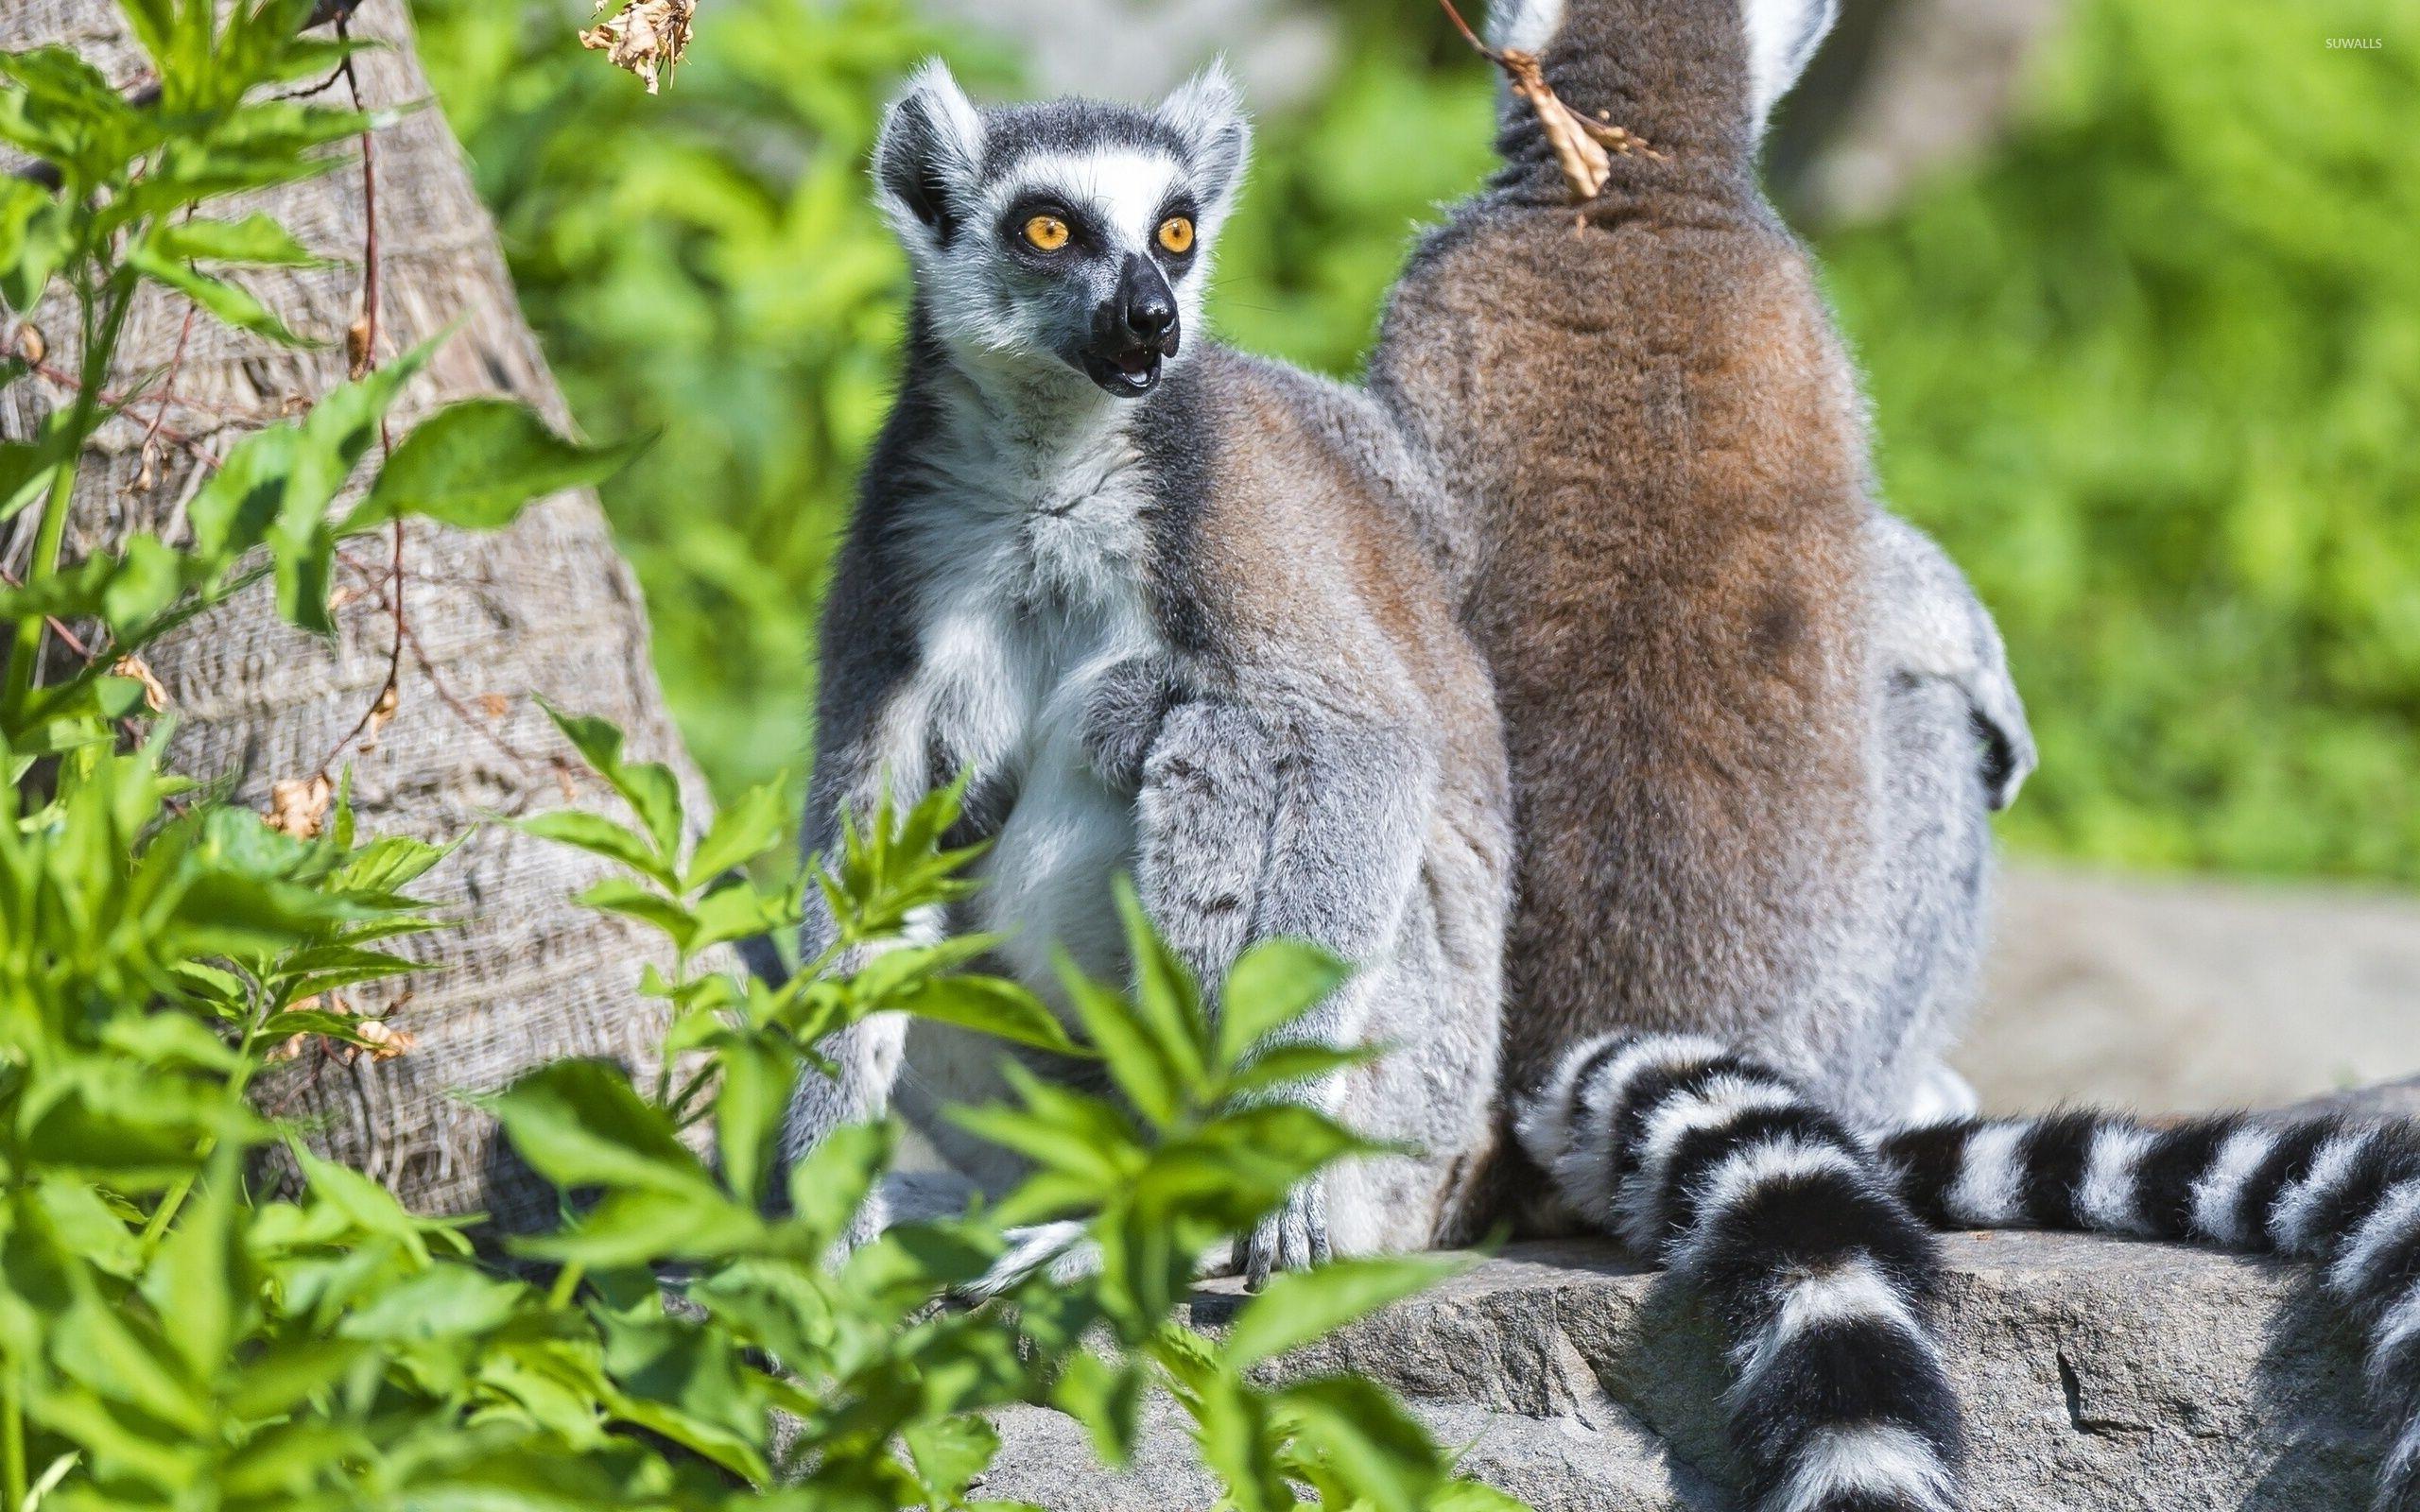 Top Lemur Wallpaper - lemurs-33348-2560x1600  Trends_694039.jpg